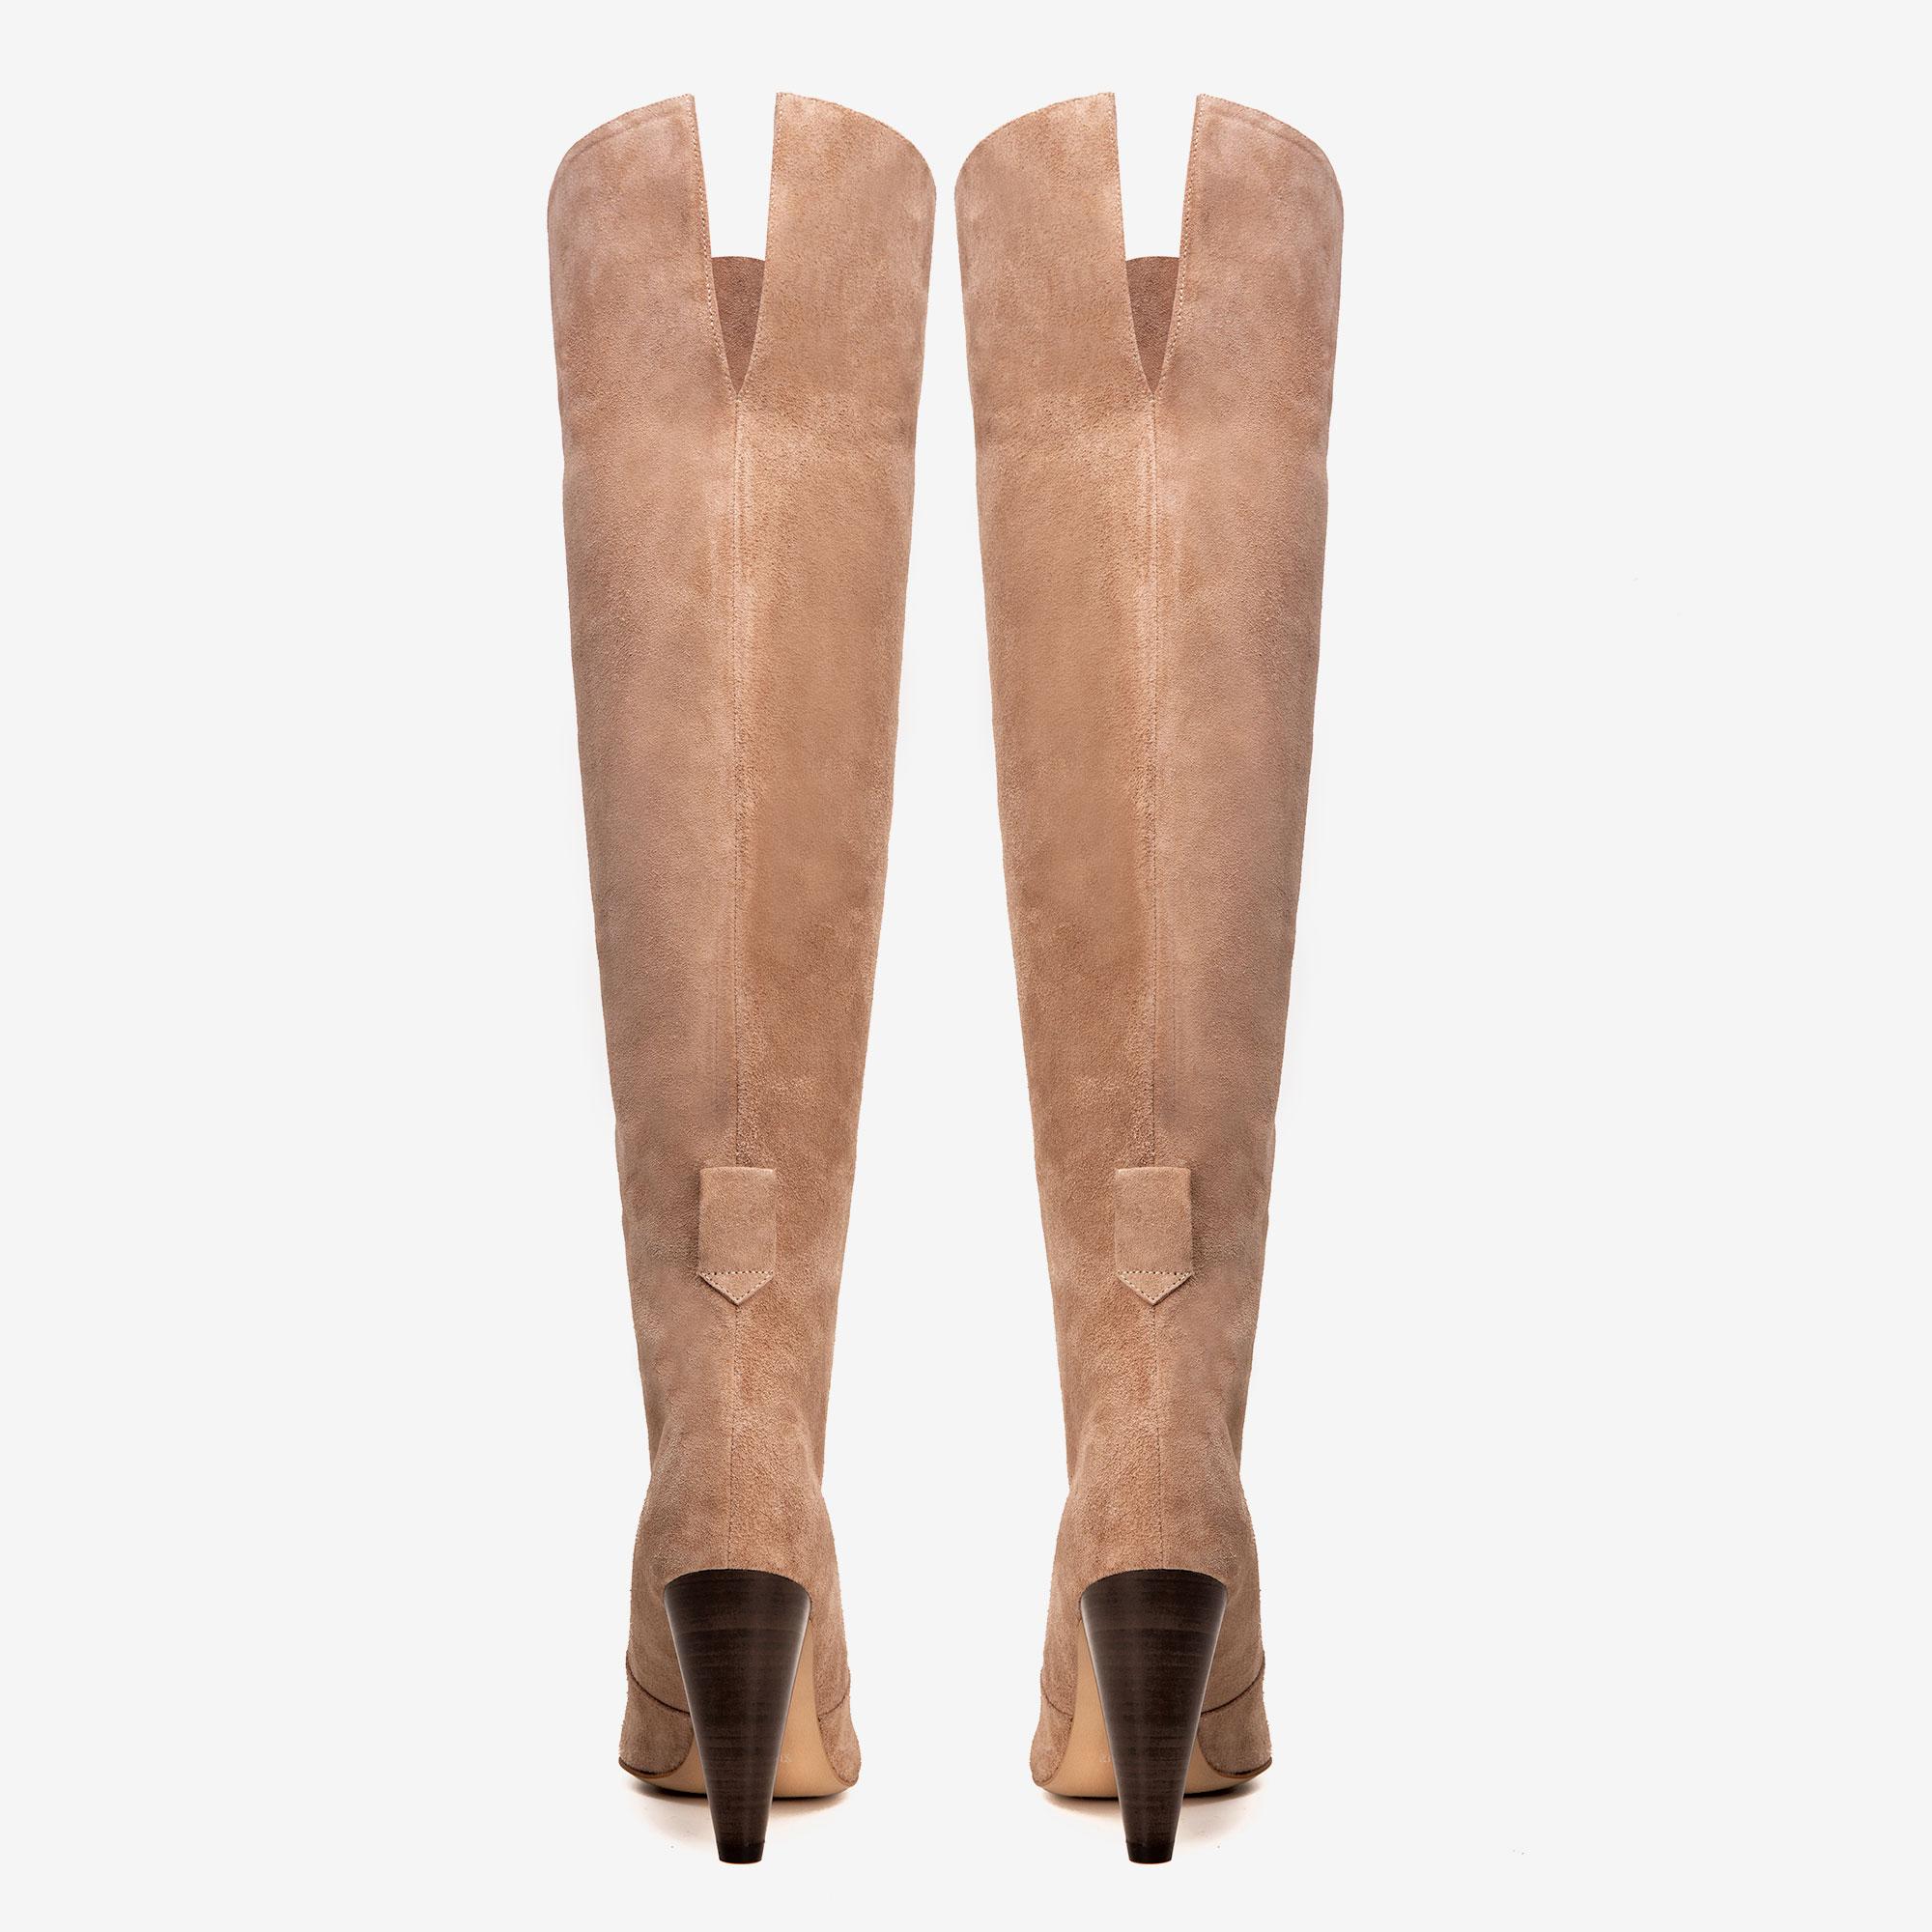 Cizme din piele intoarsa peste genunchi cu accesorii metalice detasabile Ginissima imagine 3